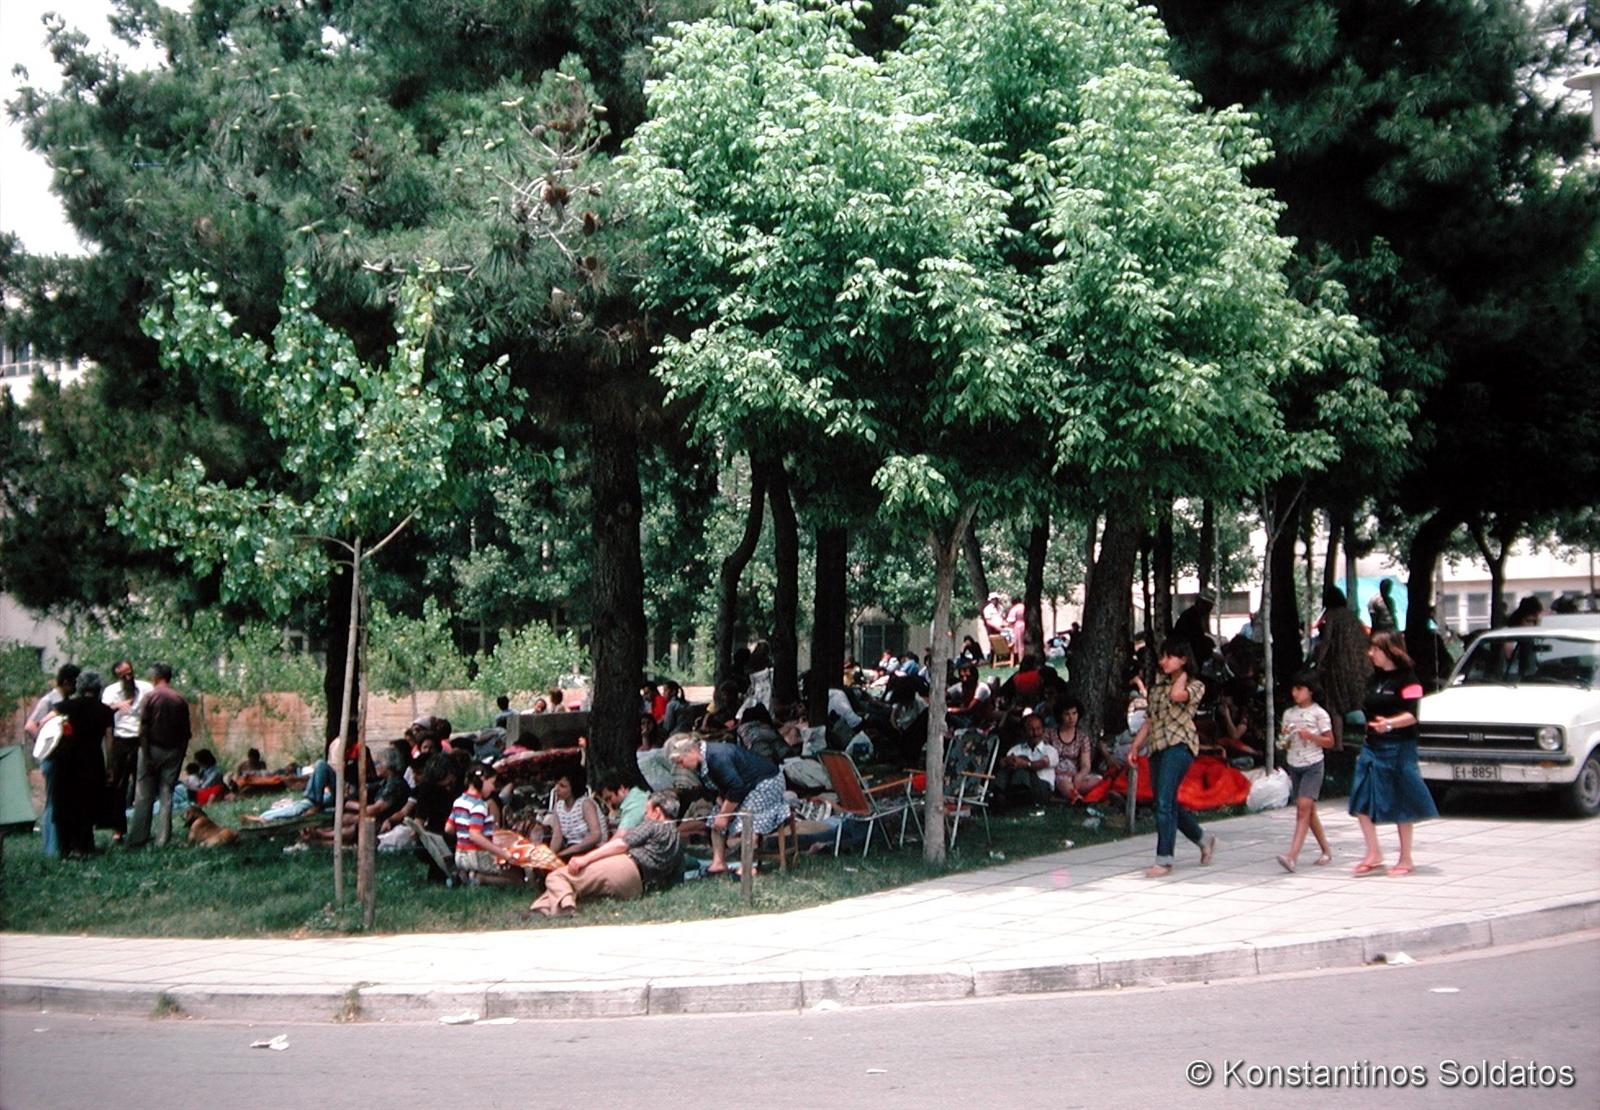 Σεισμόπληκτοι στον χώρο της Πανεπιστημιούπολης